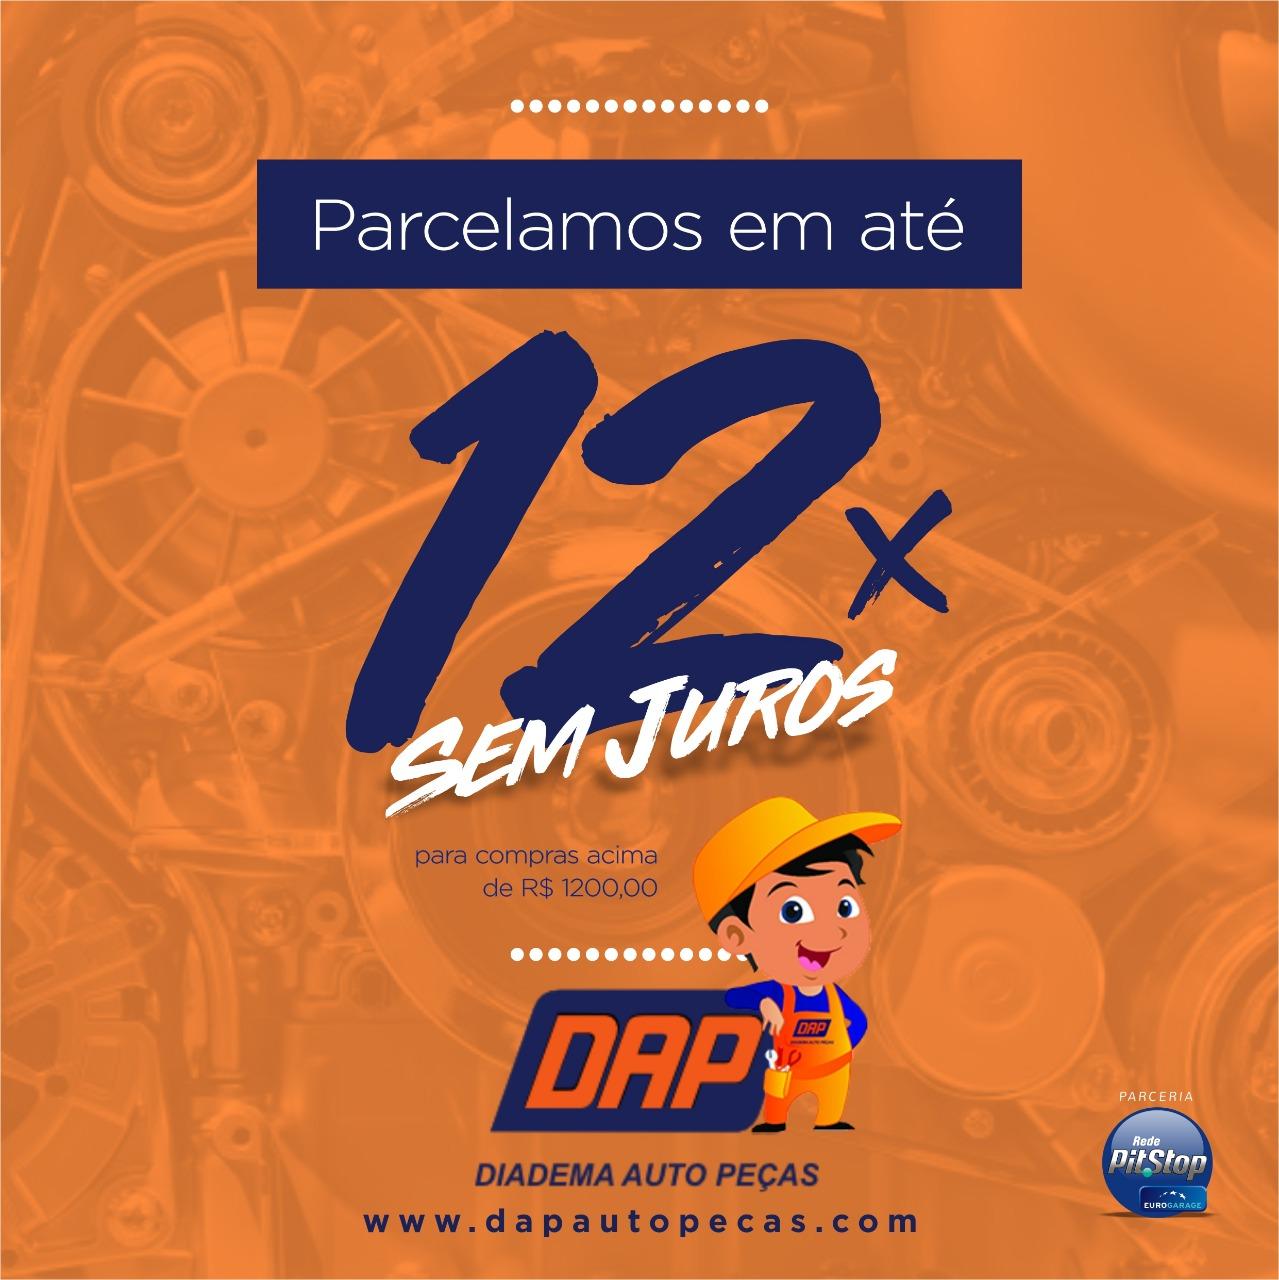 9765e3091 Auto Peças Diadema  DAP • Diadema Auto Peças